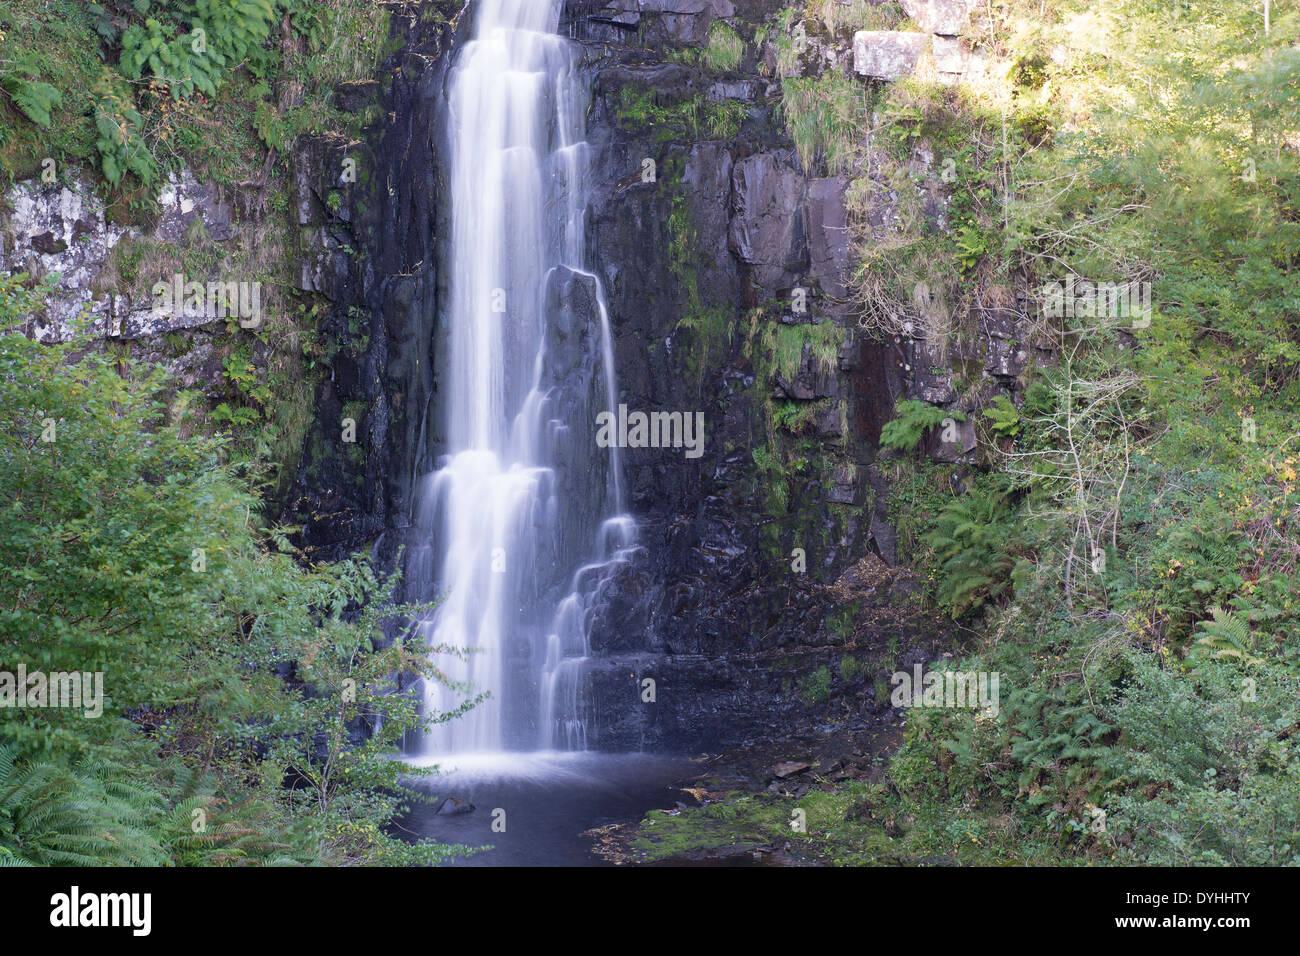 Glenashdale cae una cascada con cascada de agua en paseo de bosque Imagen De Stock